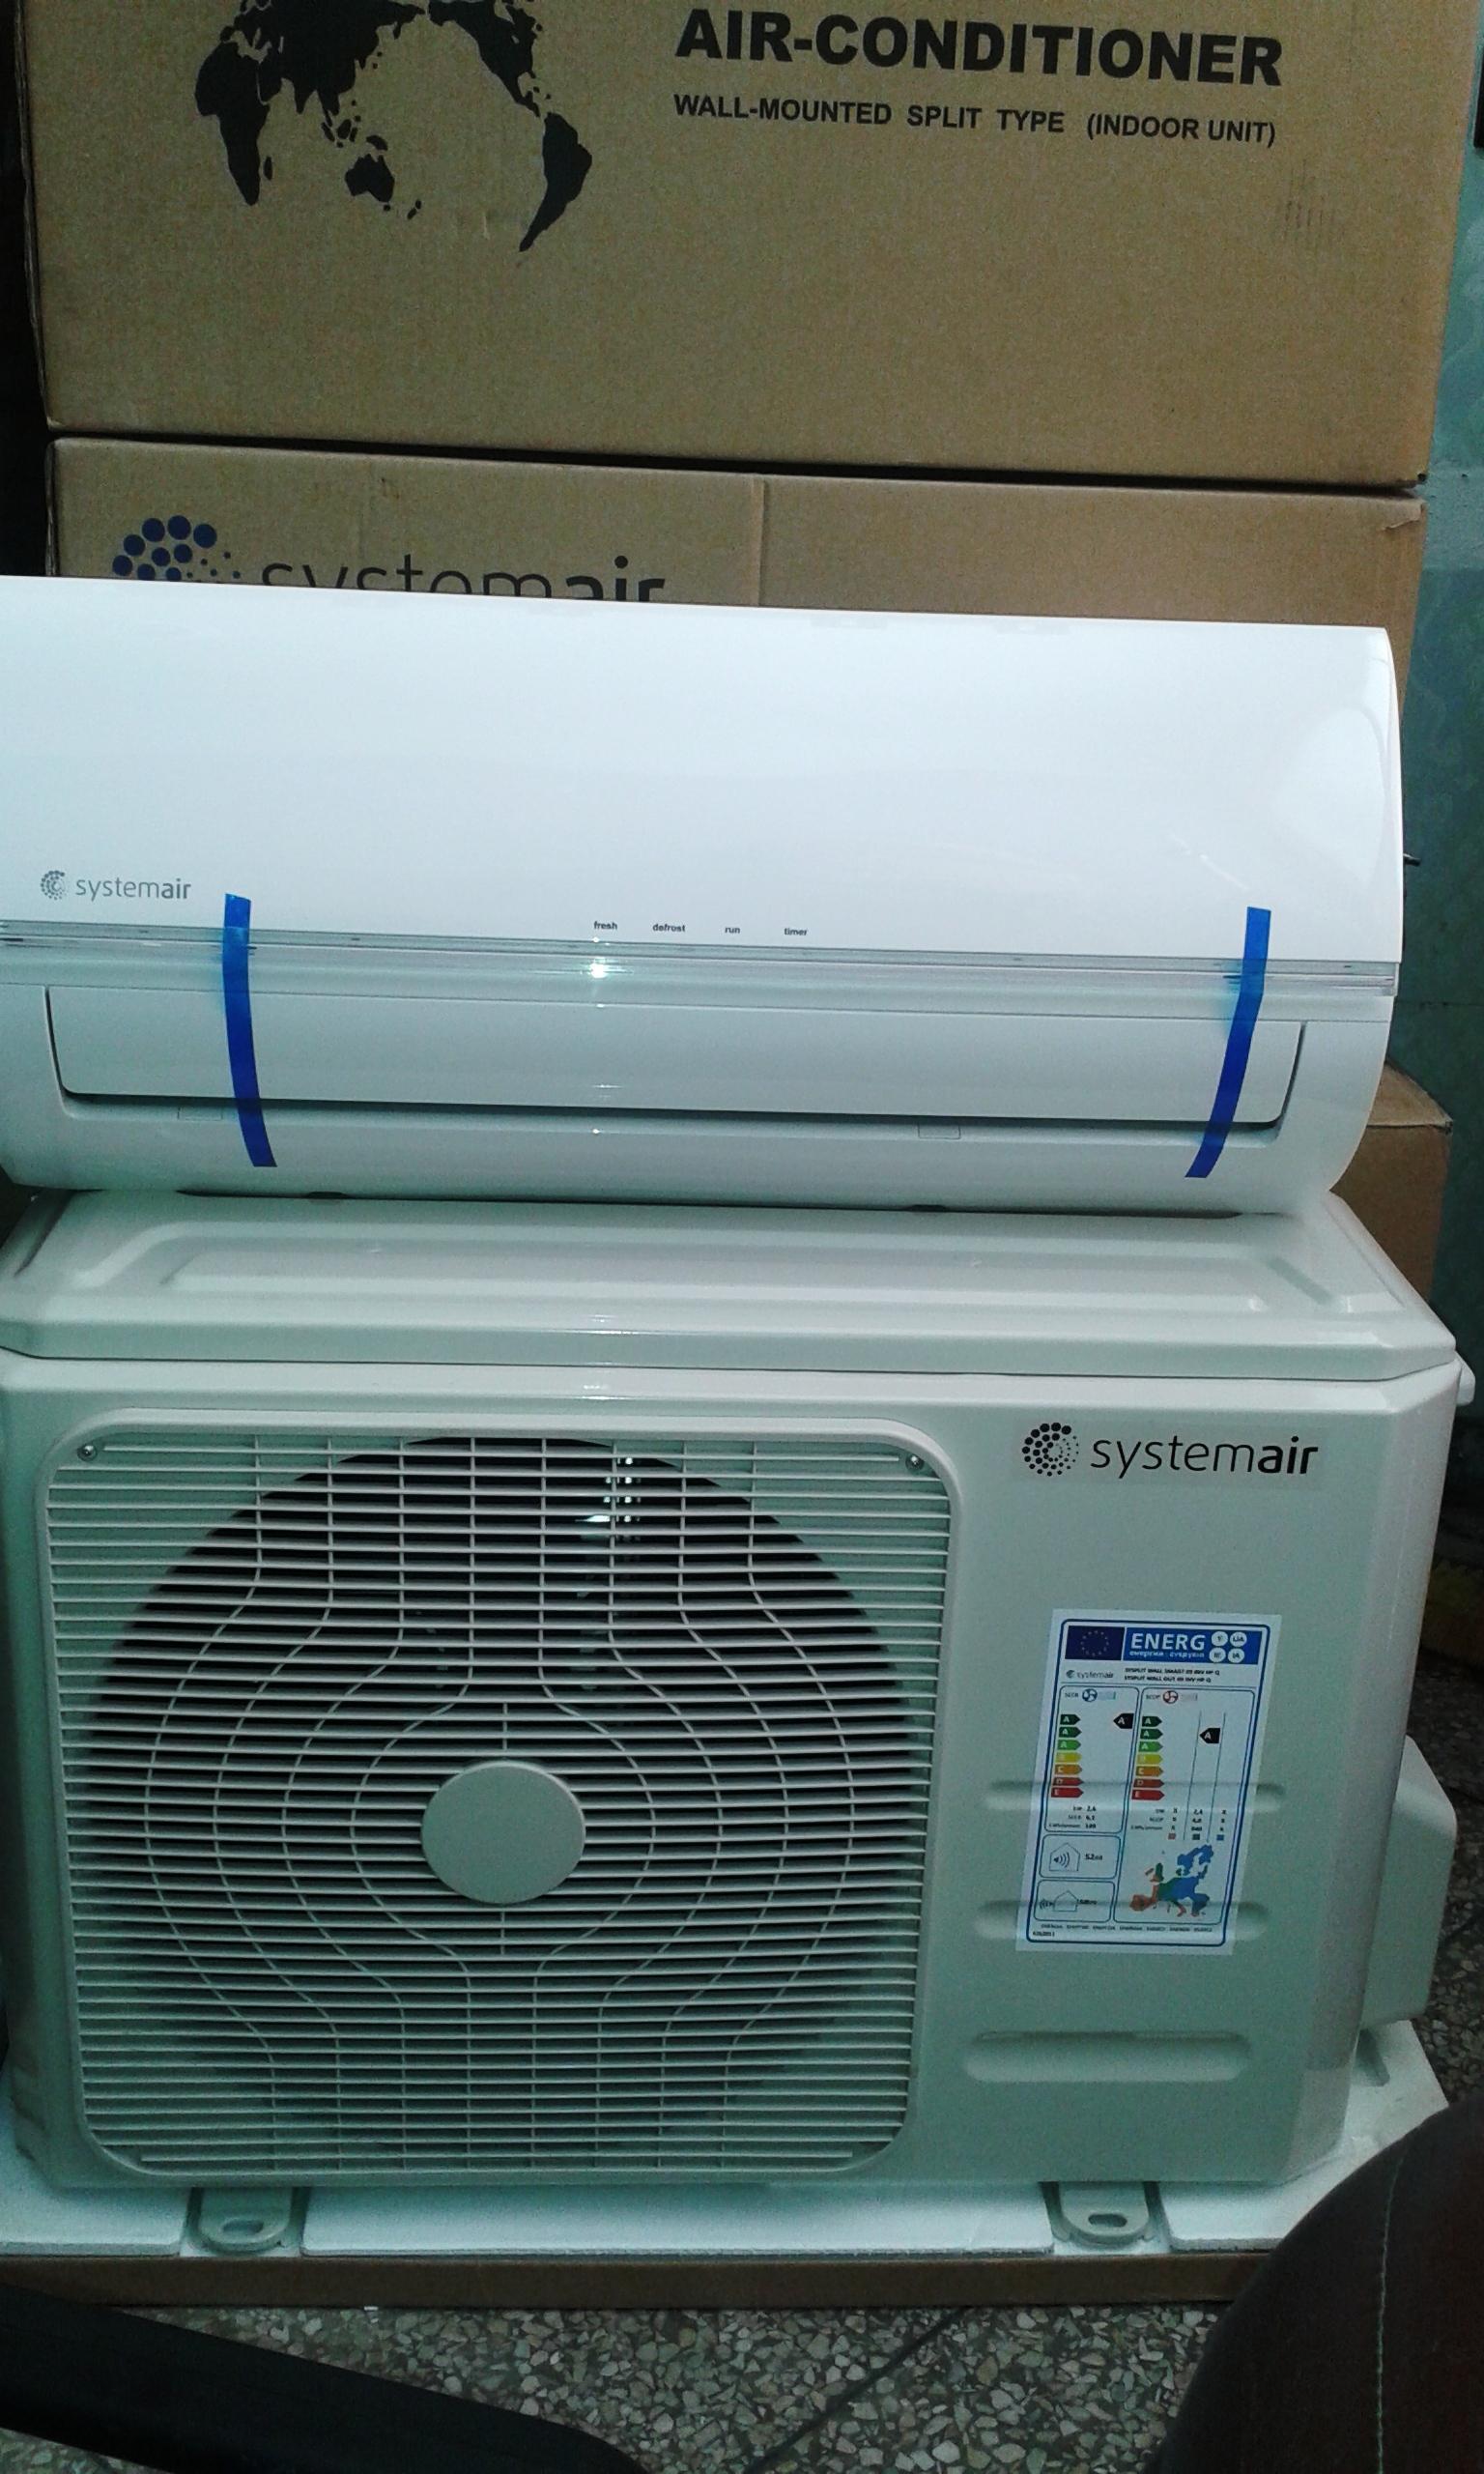 Climatiseur Systemair inverter ( économique )